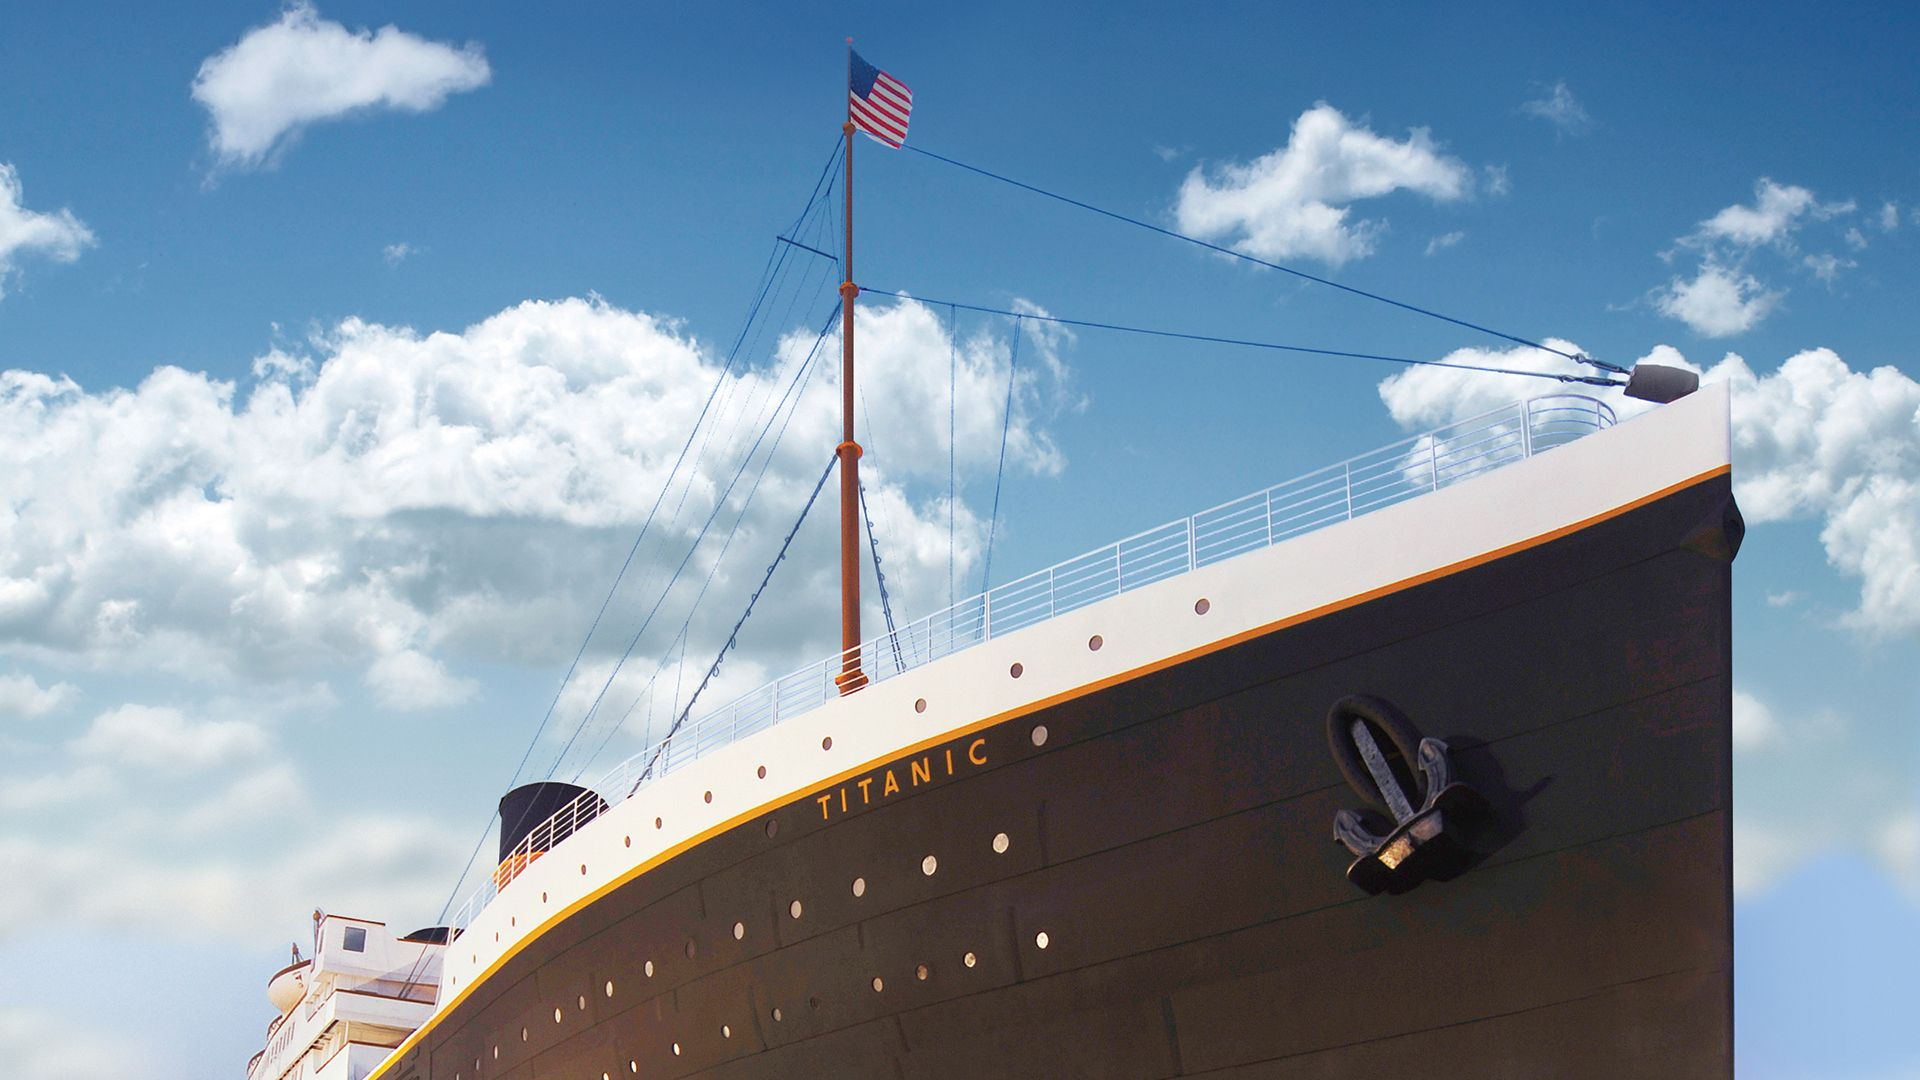 Titanic HD Wallpaper - WallpaperSafari